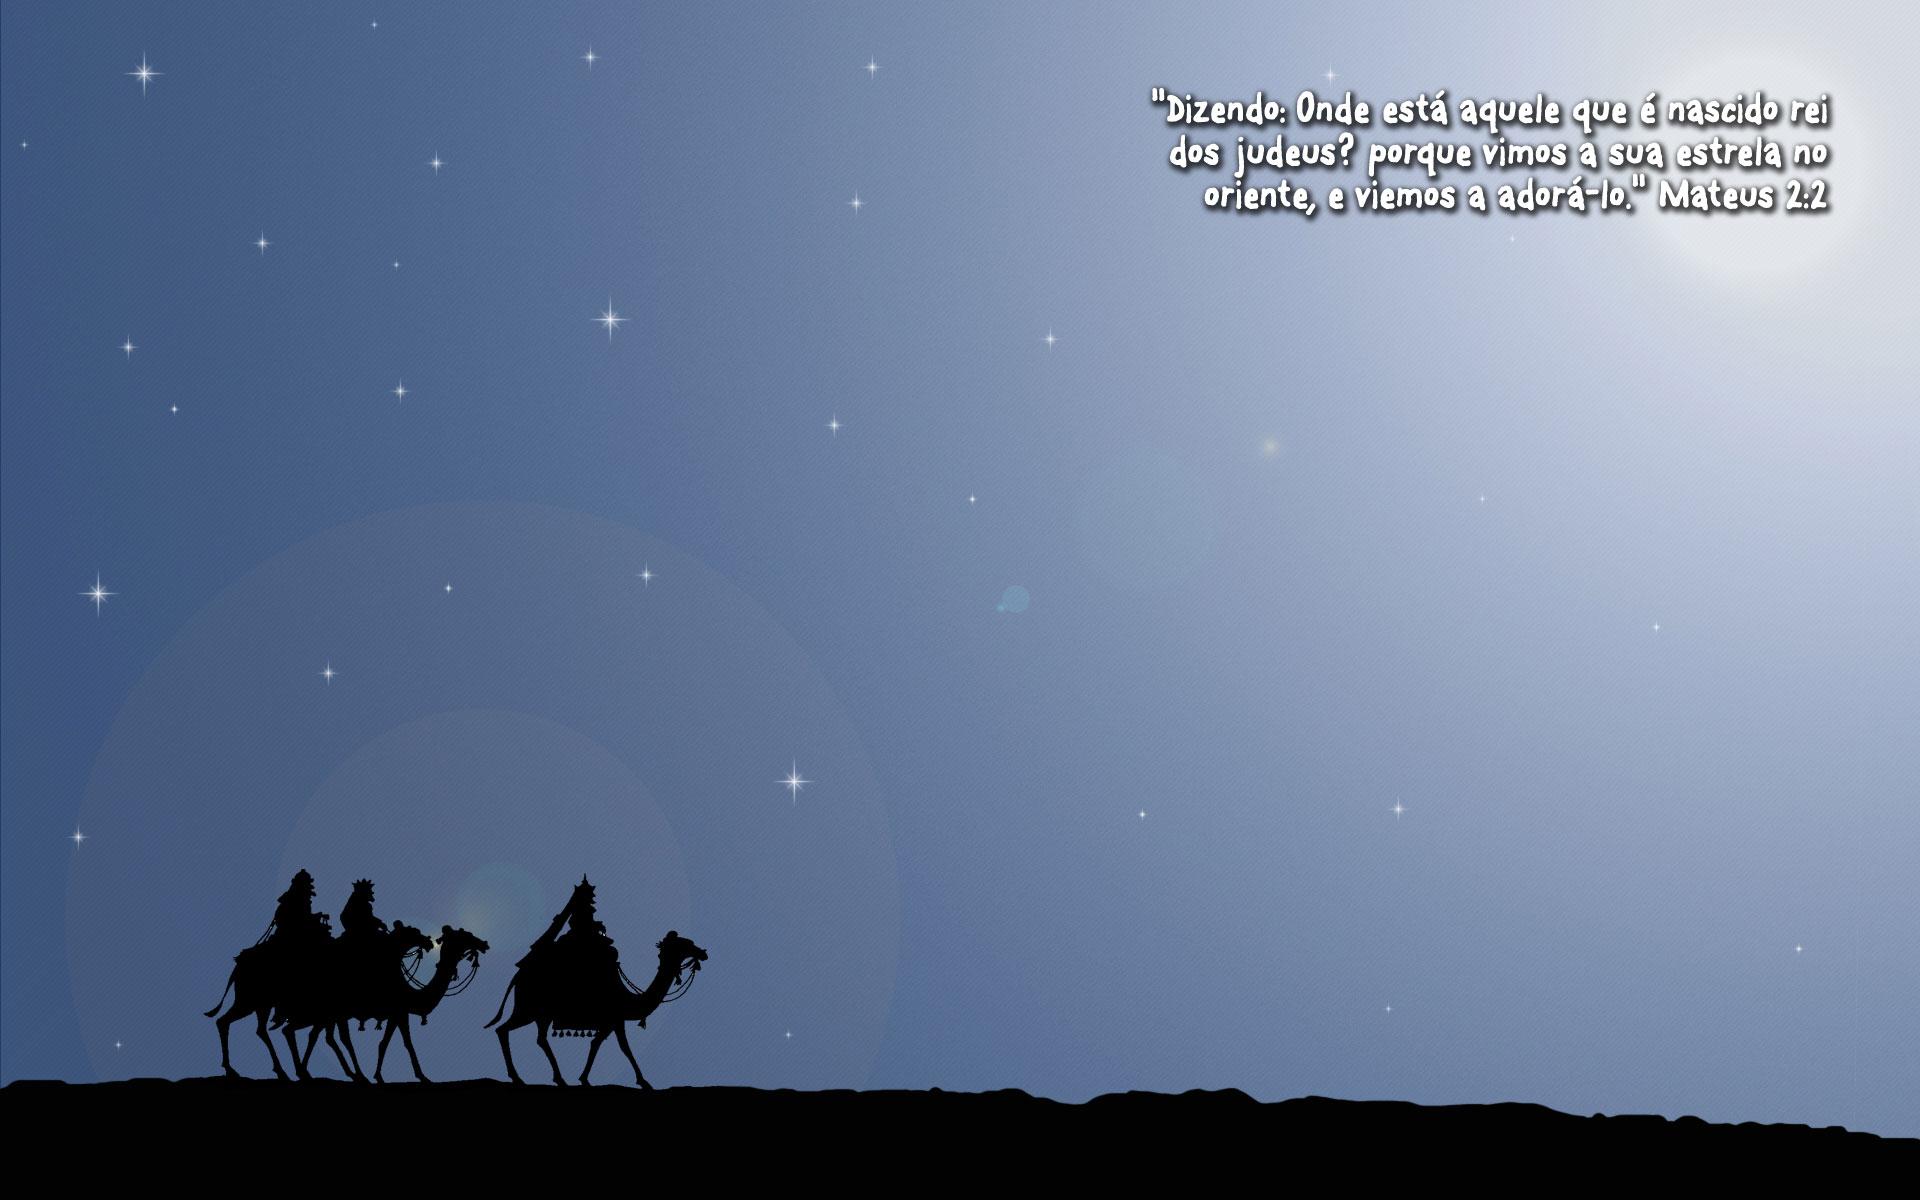 http://www.devocionaldiario.com.br/imagens/camels_way_w.jpg